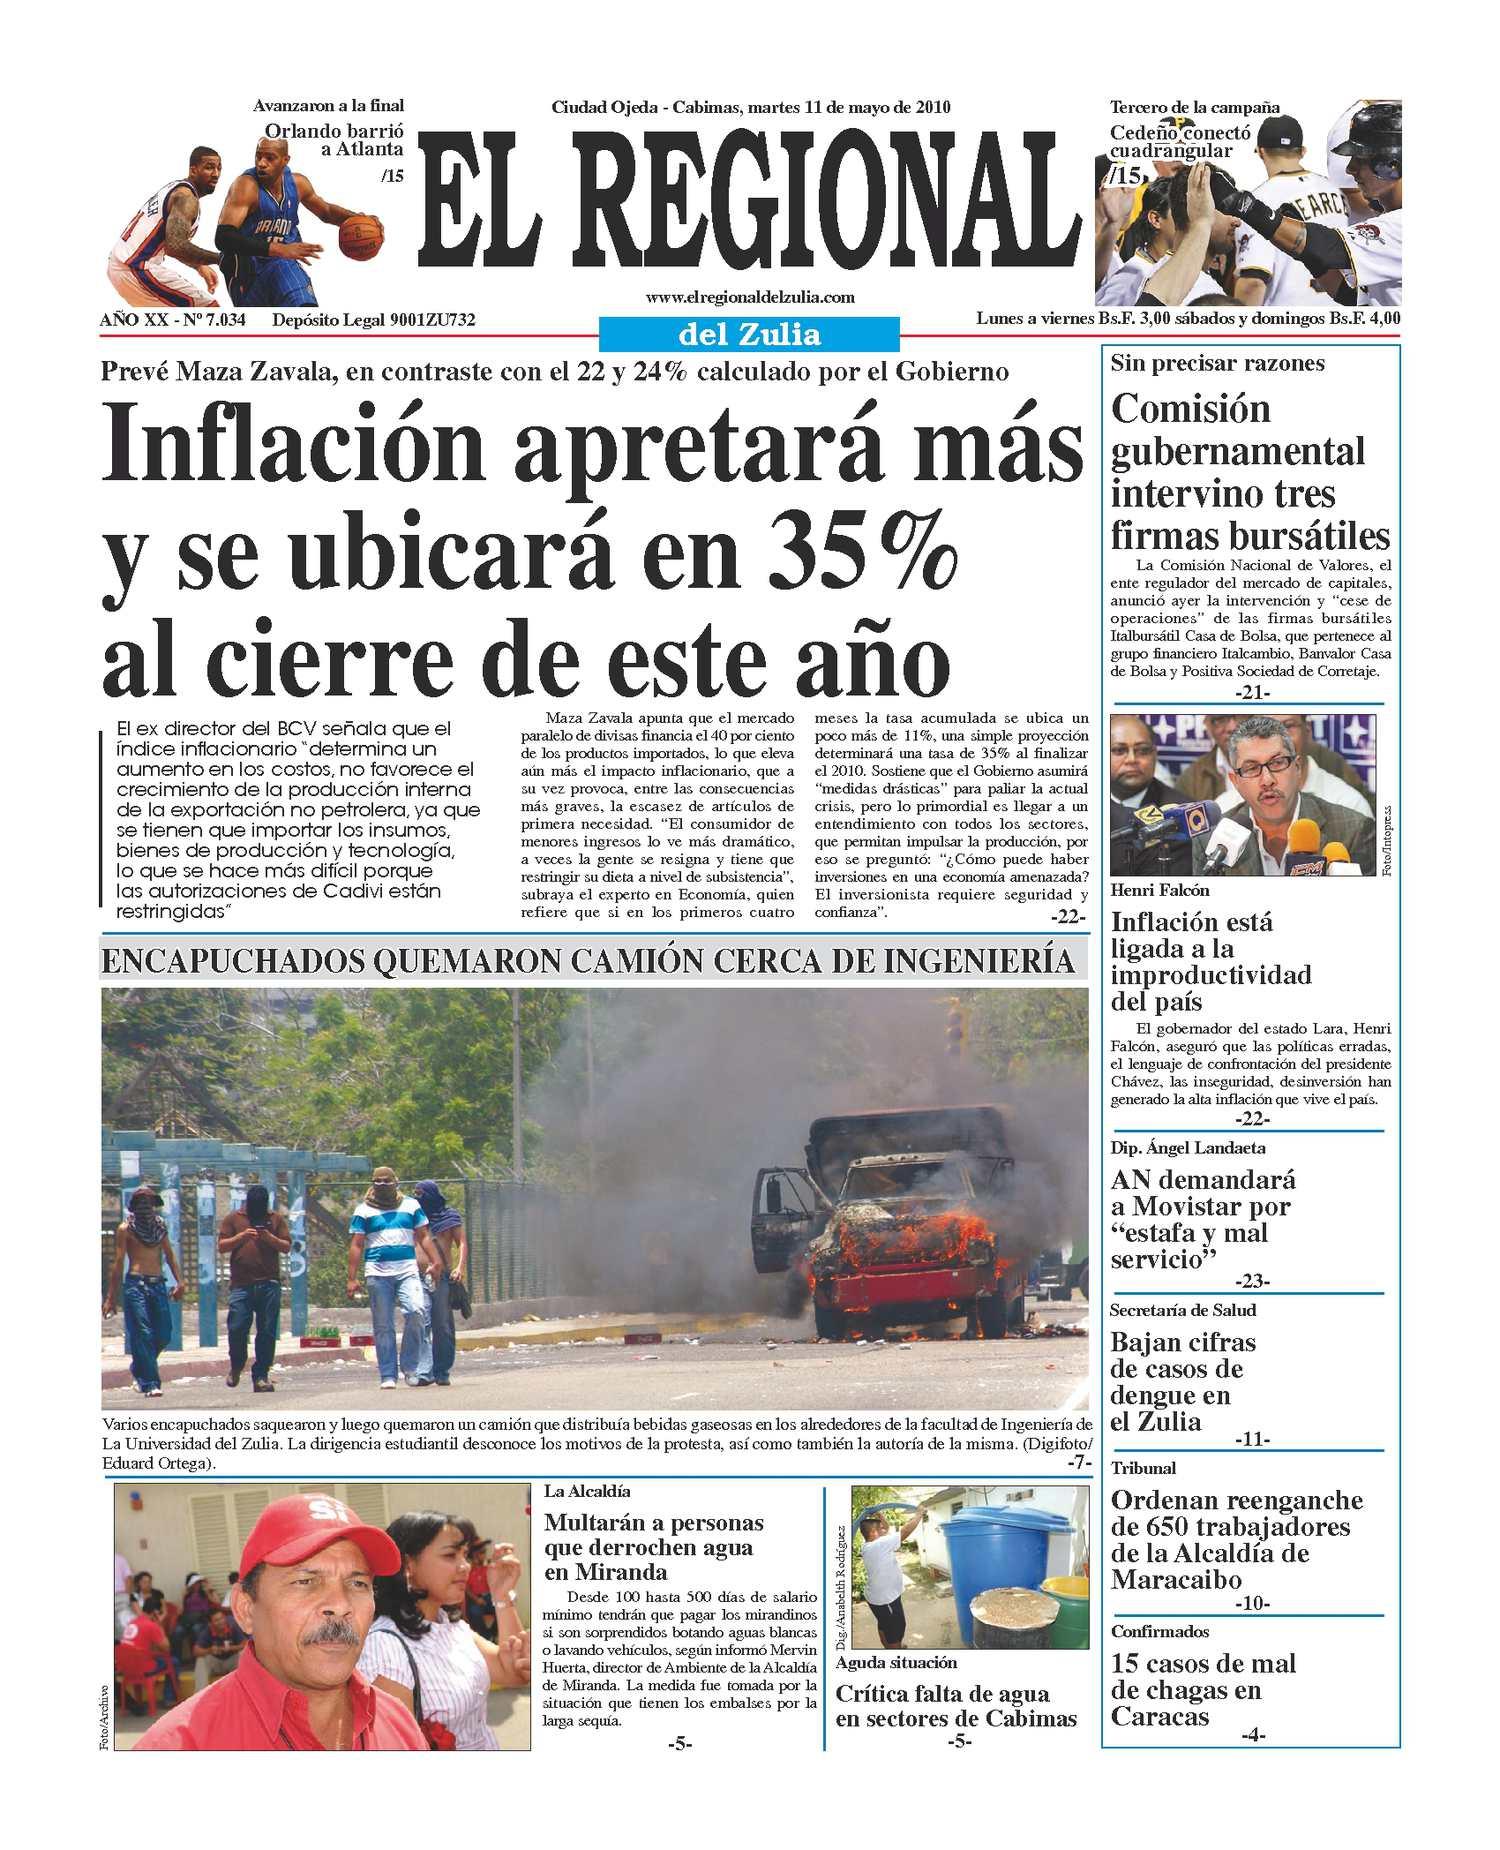 El Regional del Zulia 11-05-2010